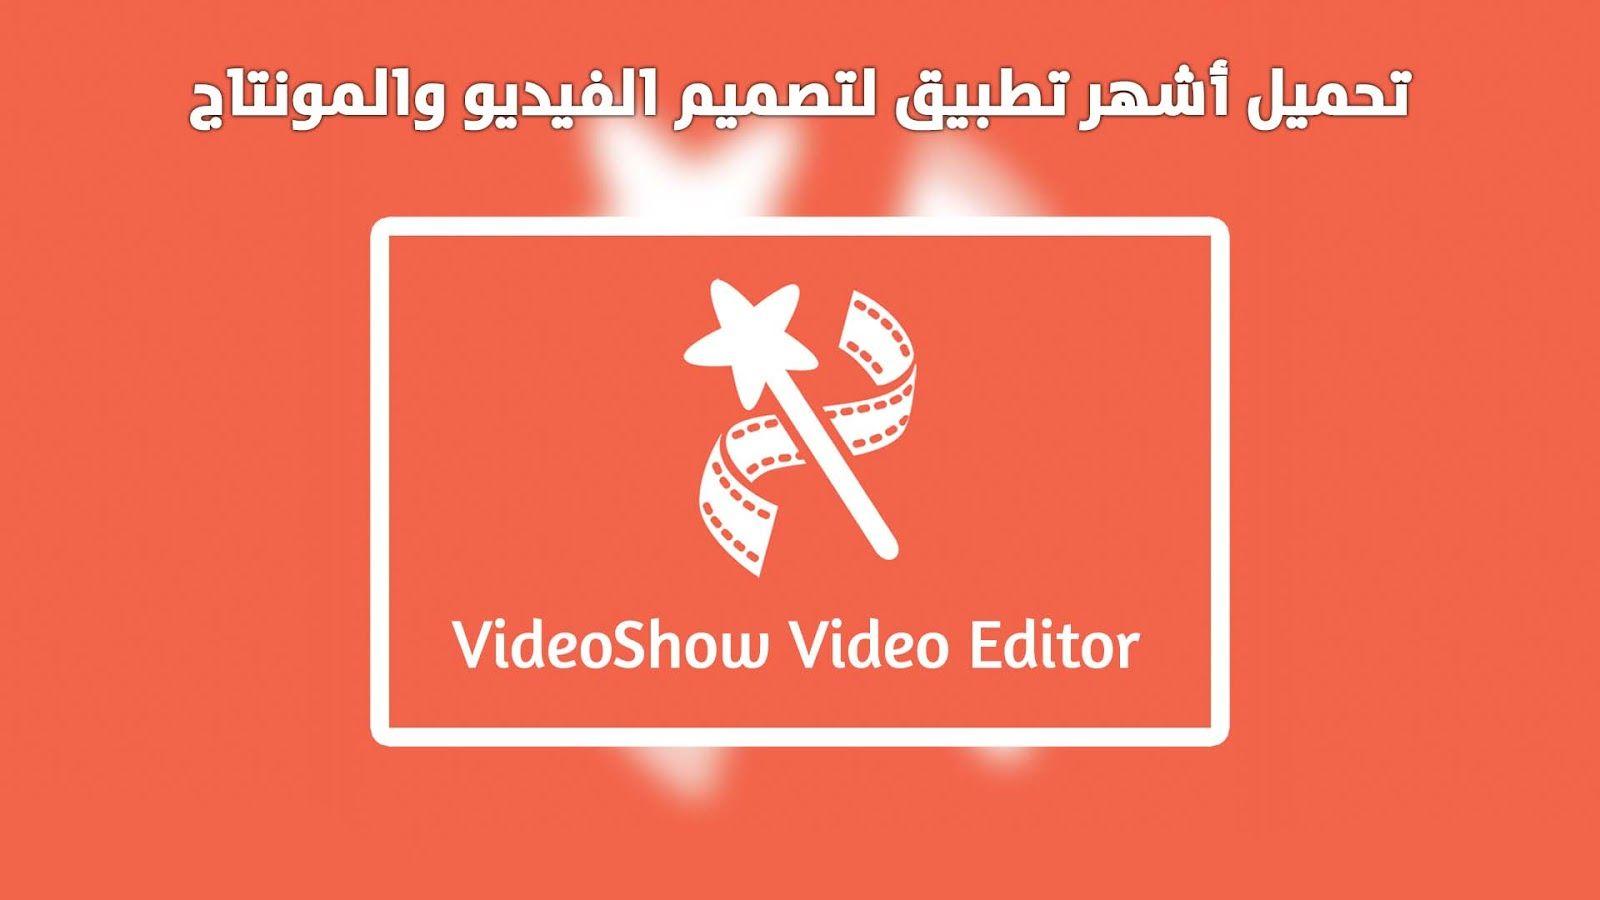 برنامج تصميم فيديو والكتابة على الصور للاندرويد برنامج Videoshow مجانا برنامج تصميم فيديو للاندرويد برنامج تصميم فيديوهات و Letters Movie Posters Video Editor